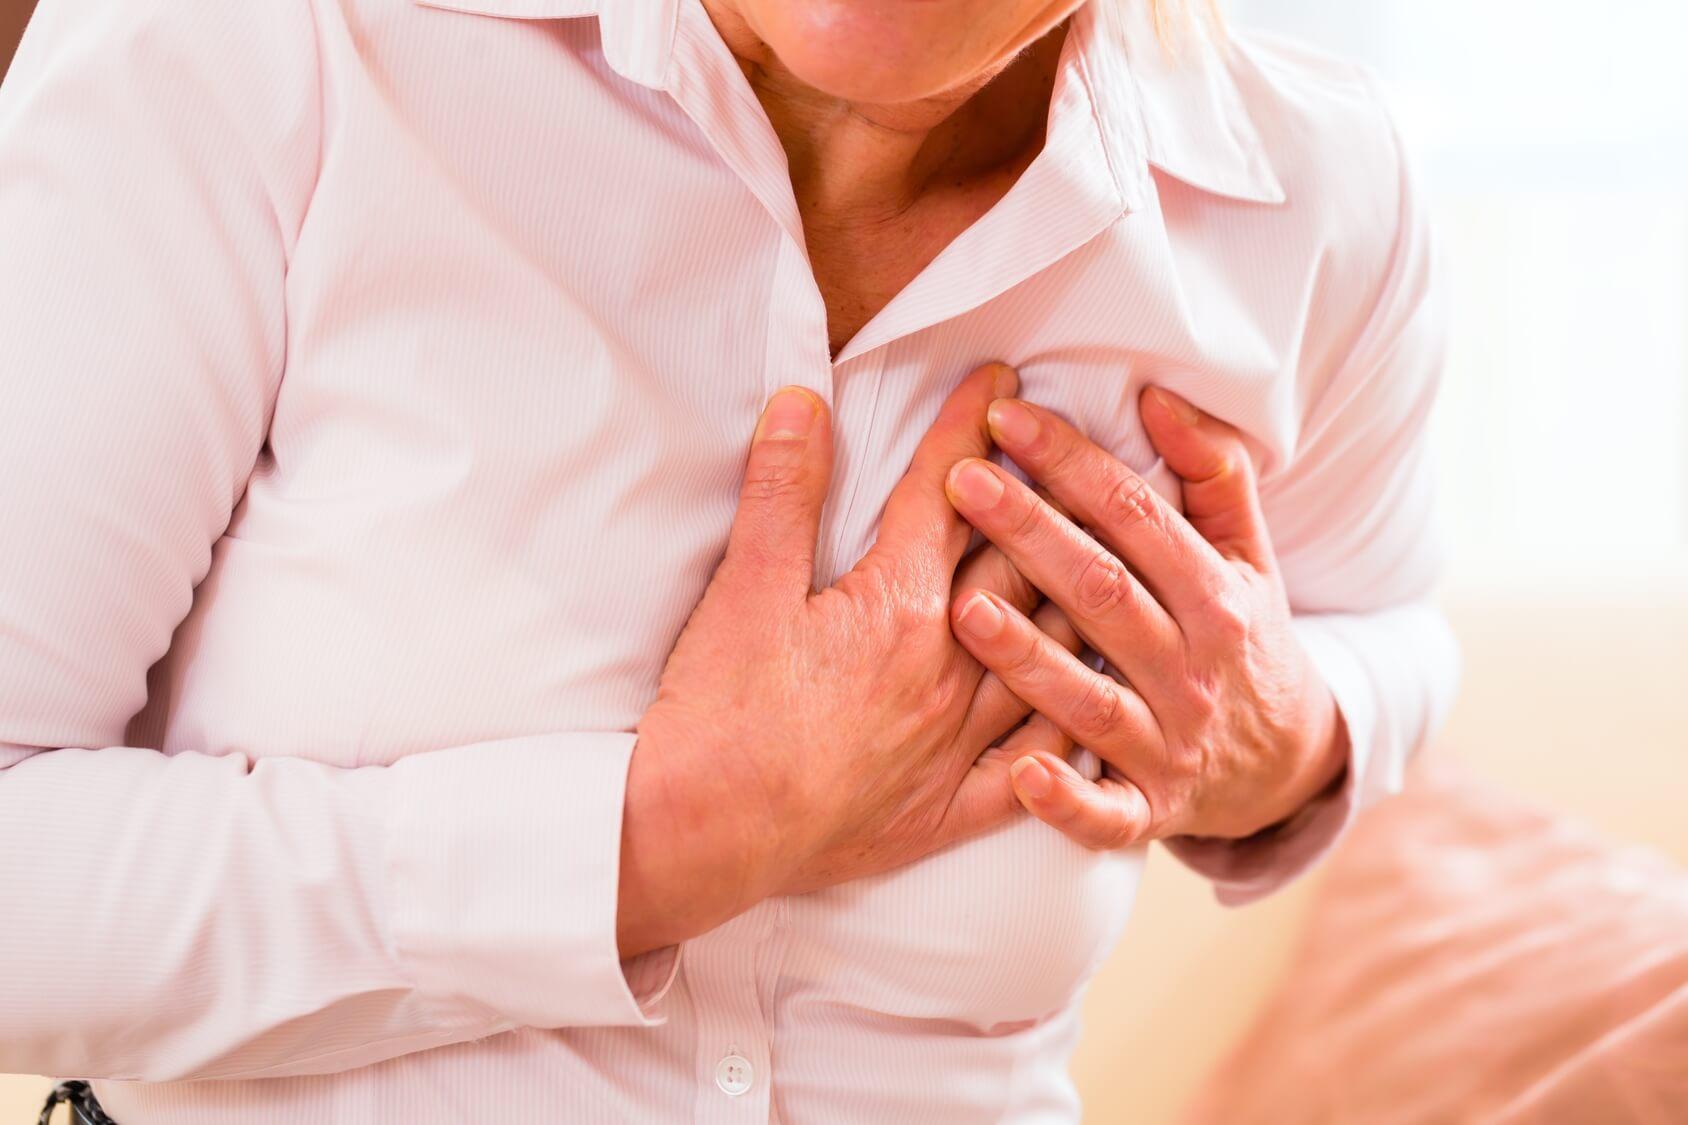 у женщины очень болит в области молочной железы